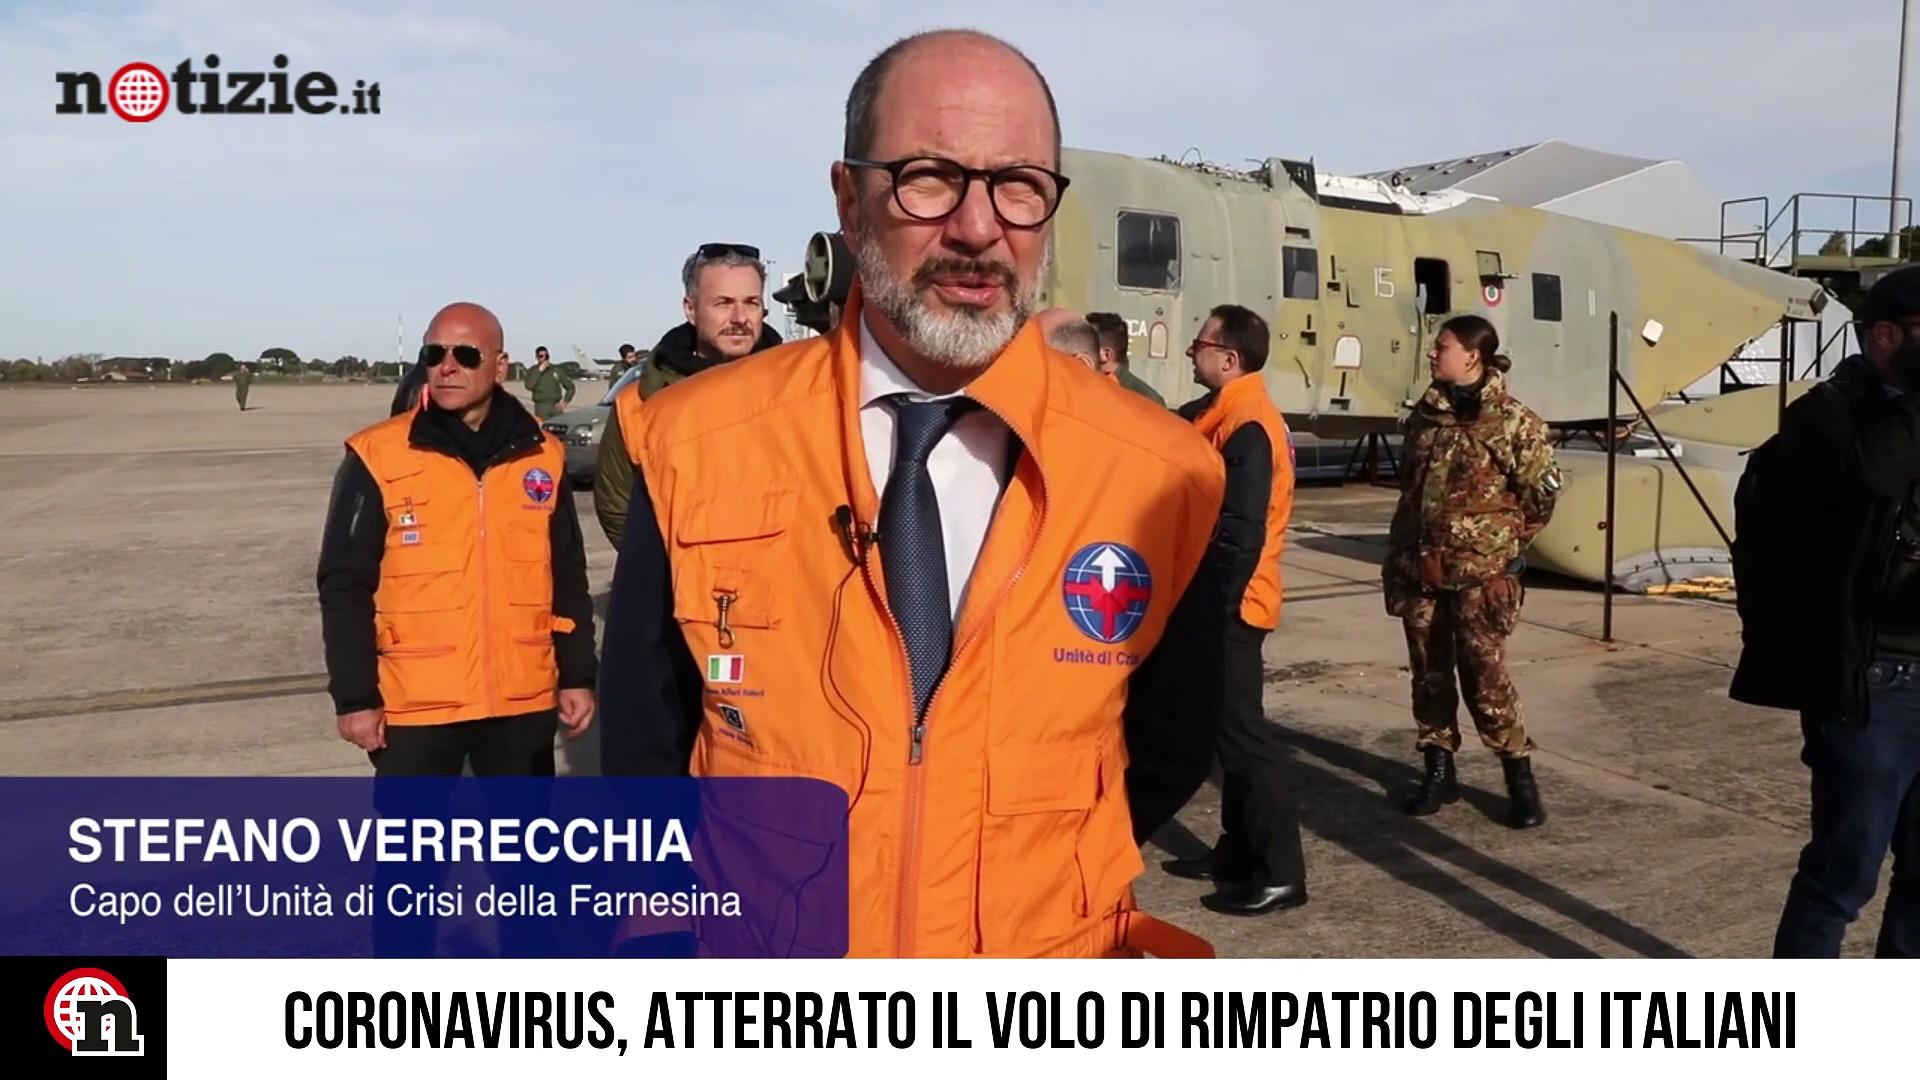 Coronavirus, rimpatriati gli italiani bloccati in Cina a Wuhan: le immagini | Notizie.it